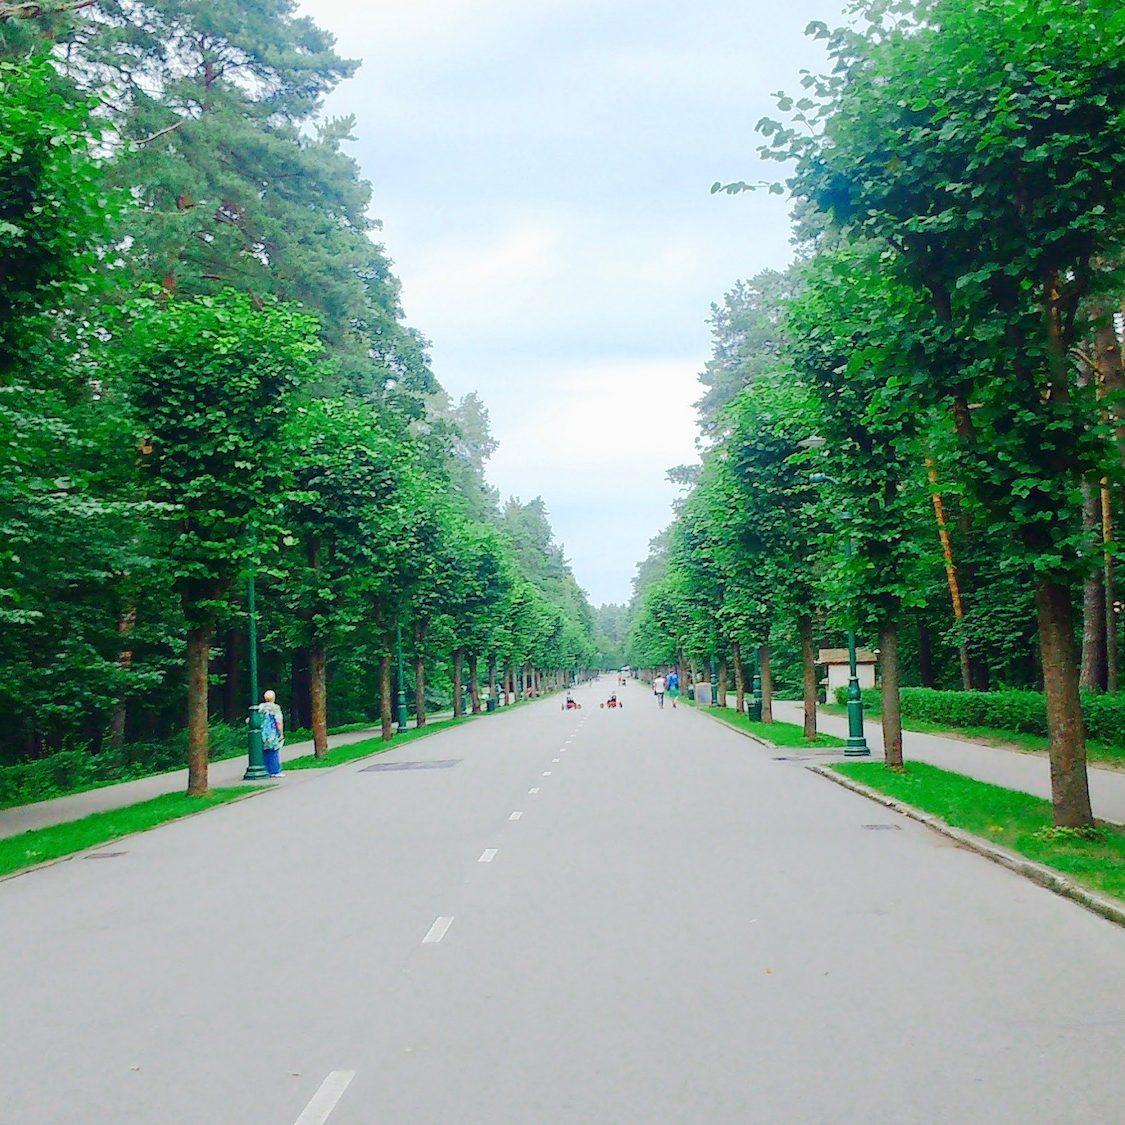 Green environment in Mezaparks